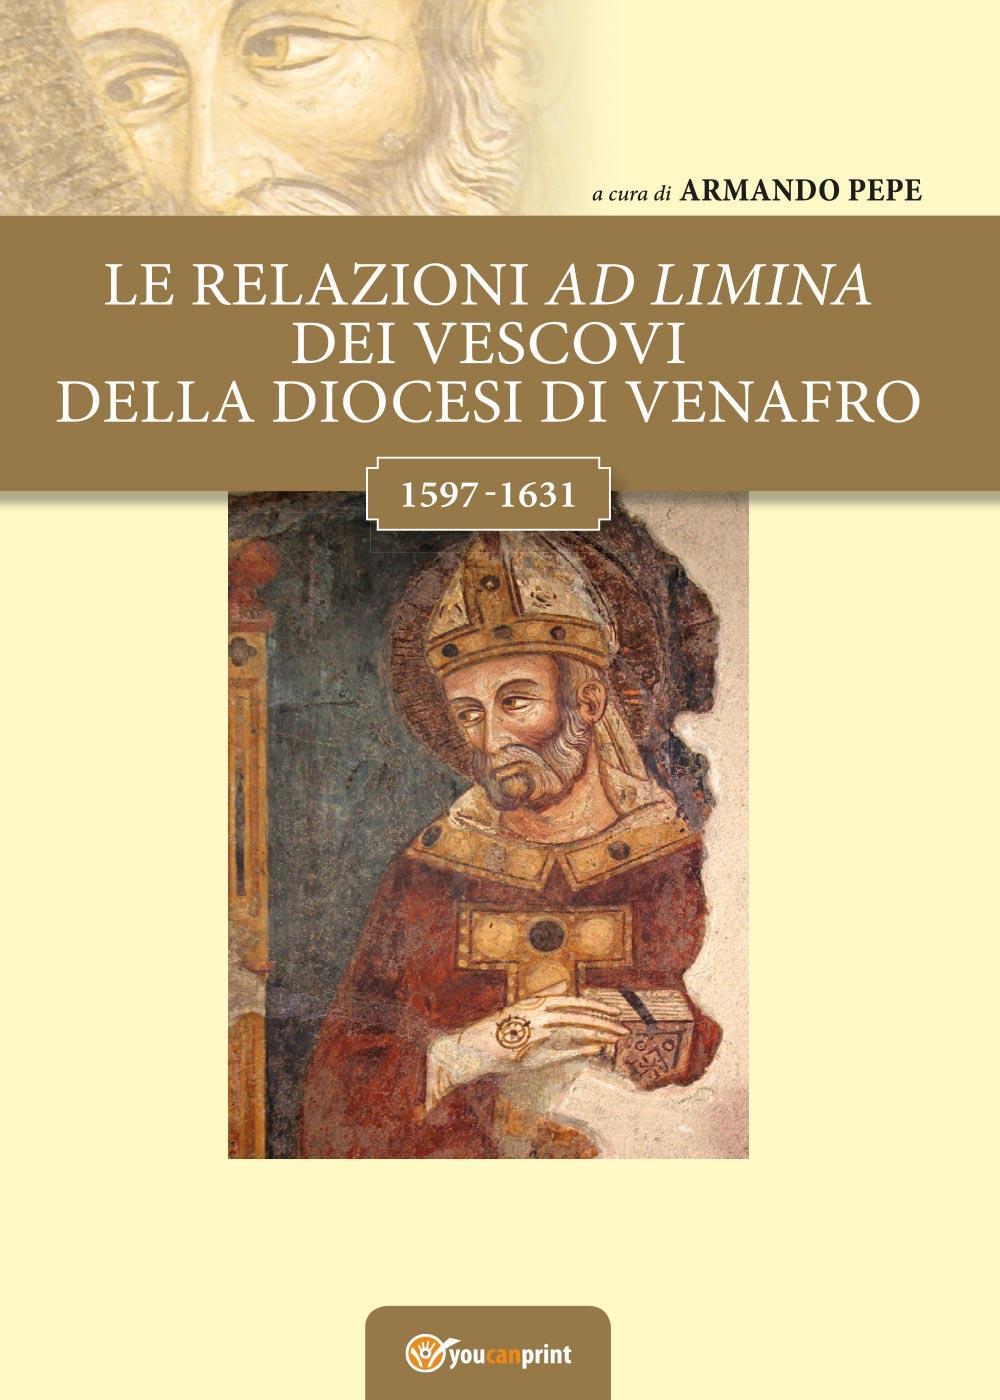 Le relazioni ad limina dei vescovi della diocesi di Venafro (1597- 1631)